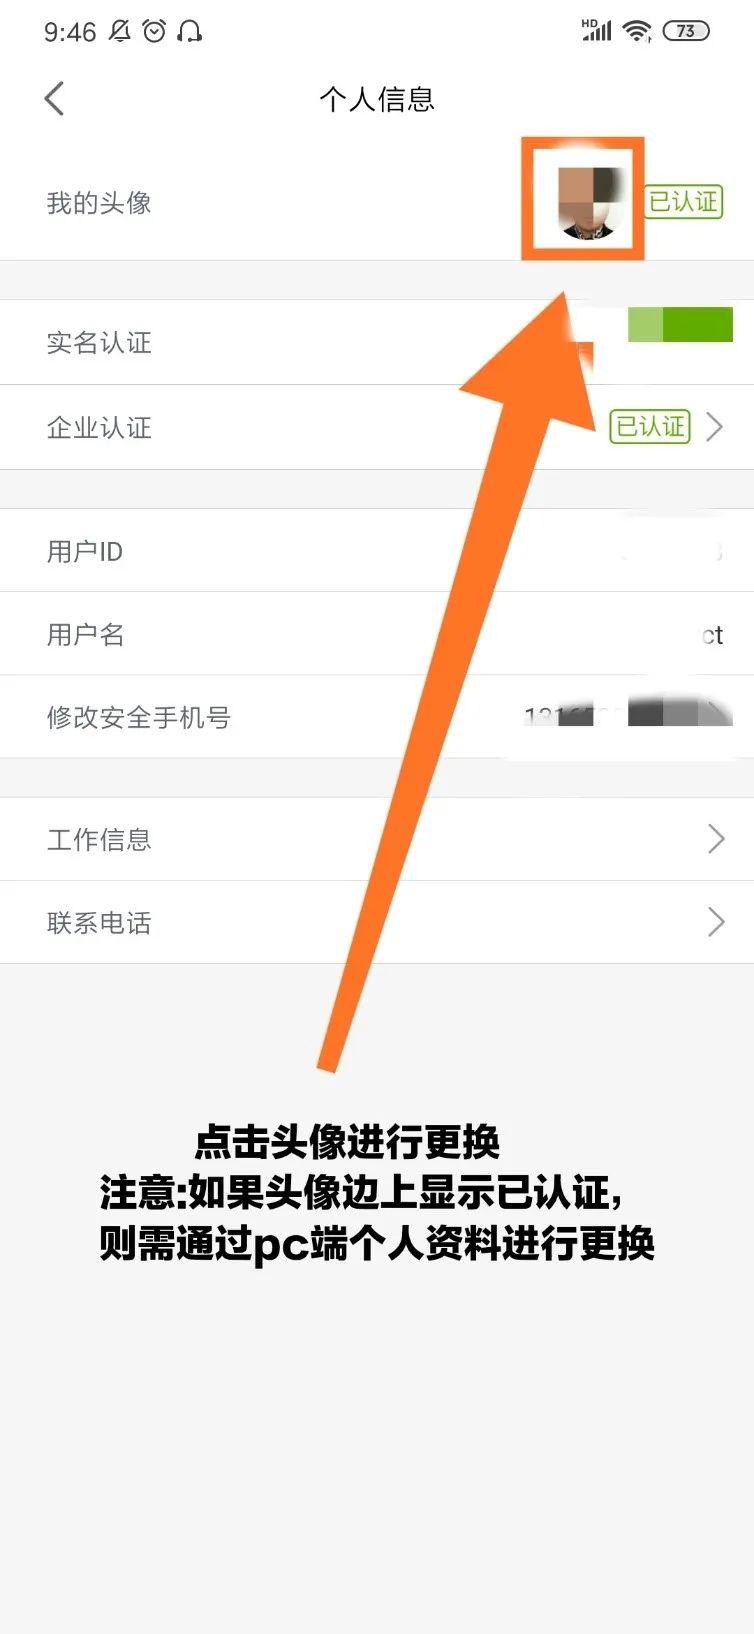 58中国网络经纪人客户端_火凤软件下载